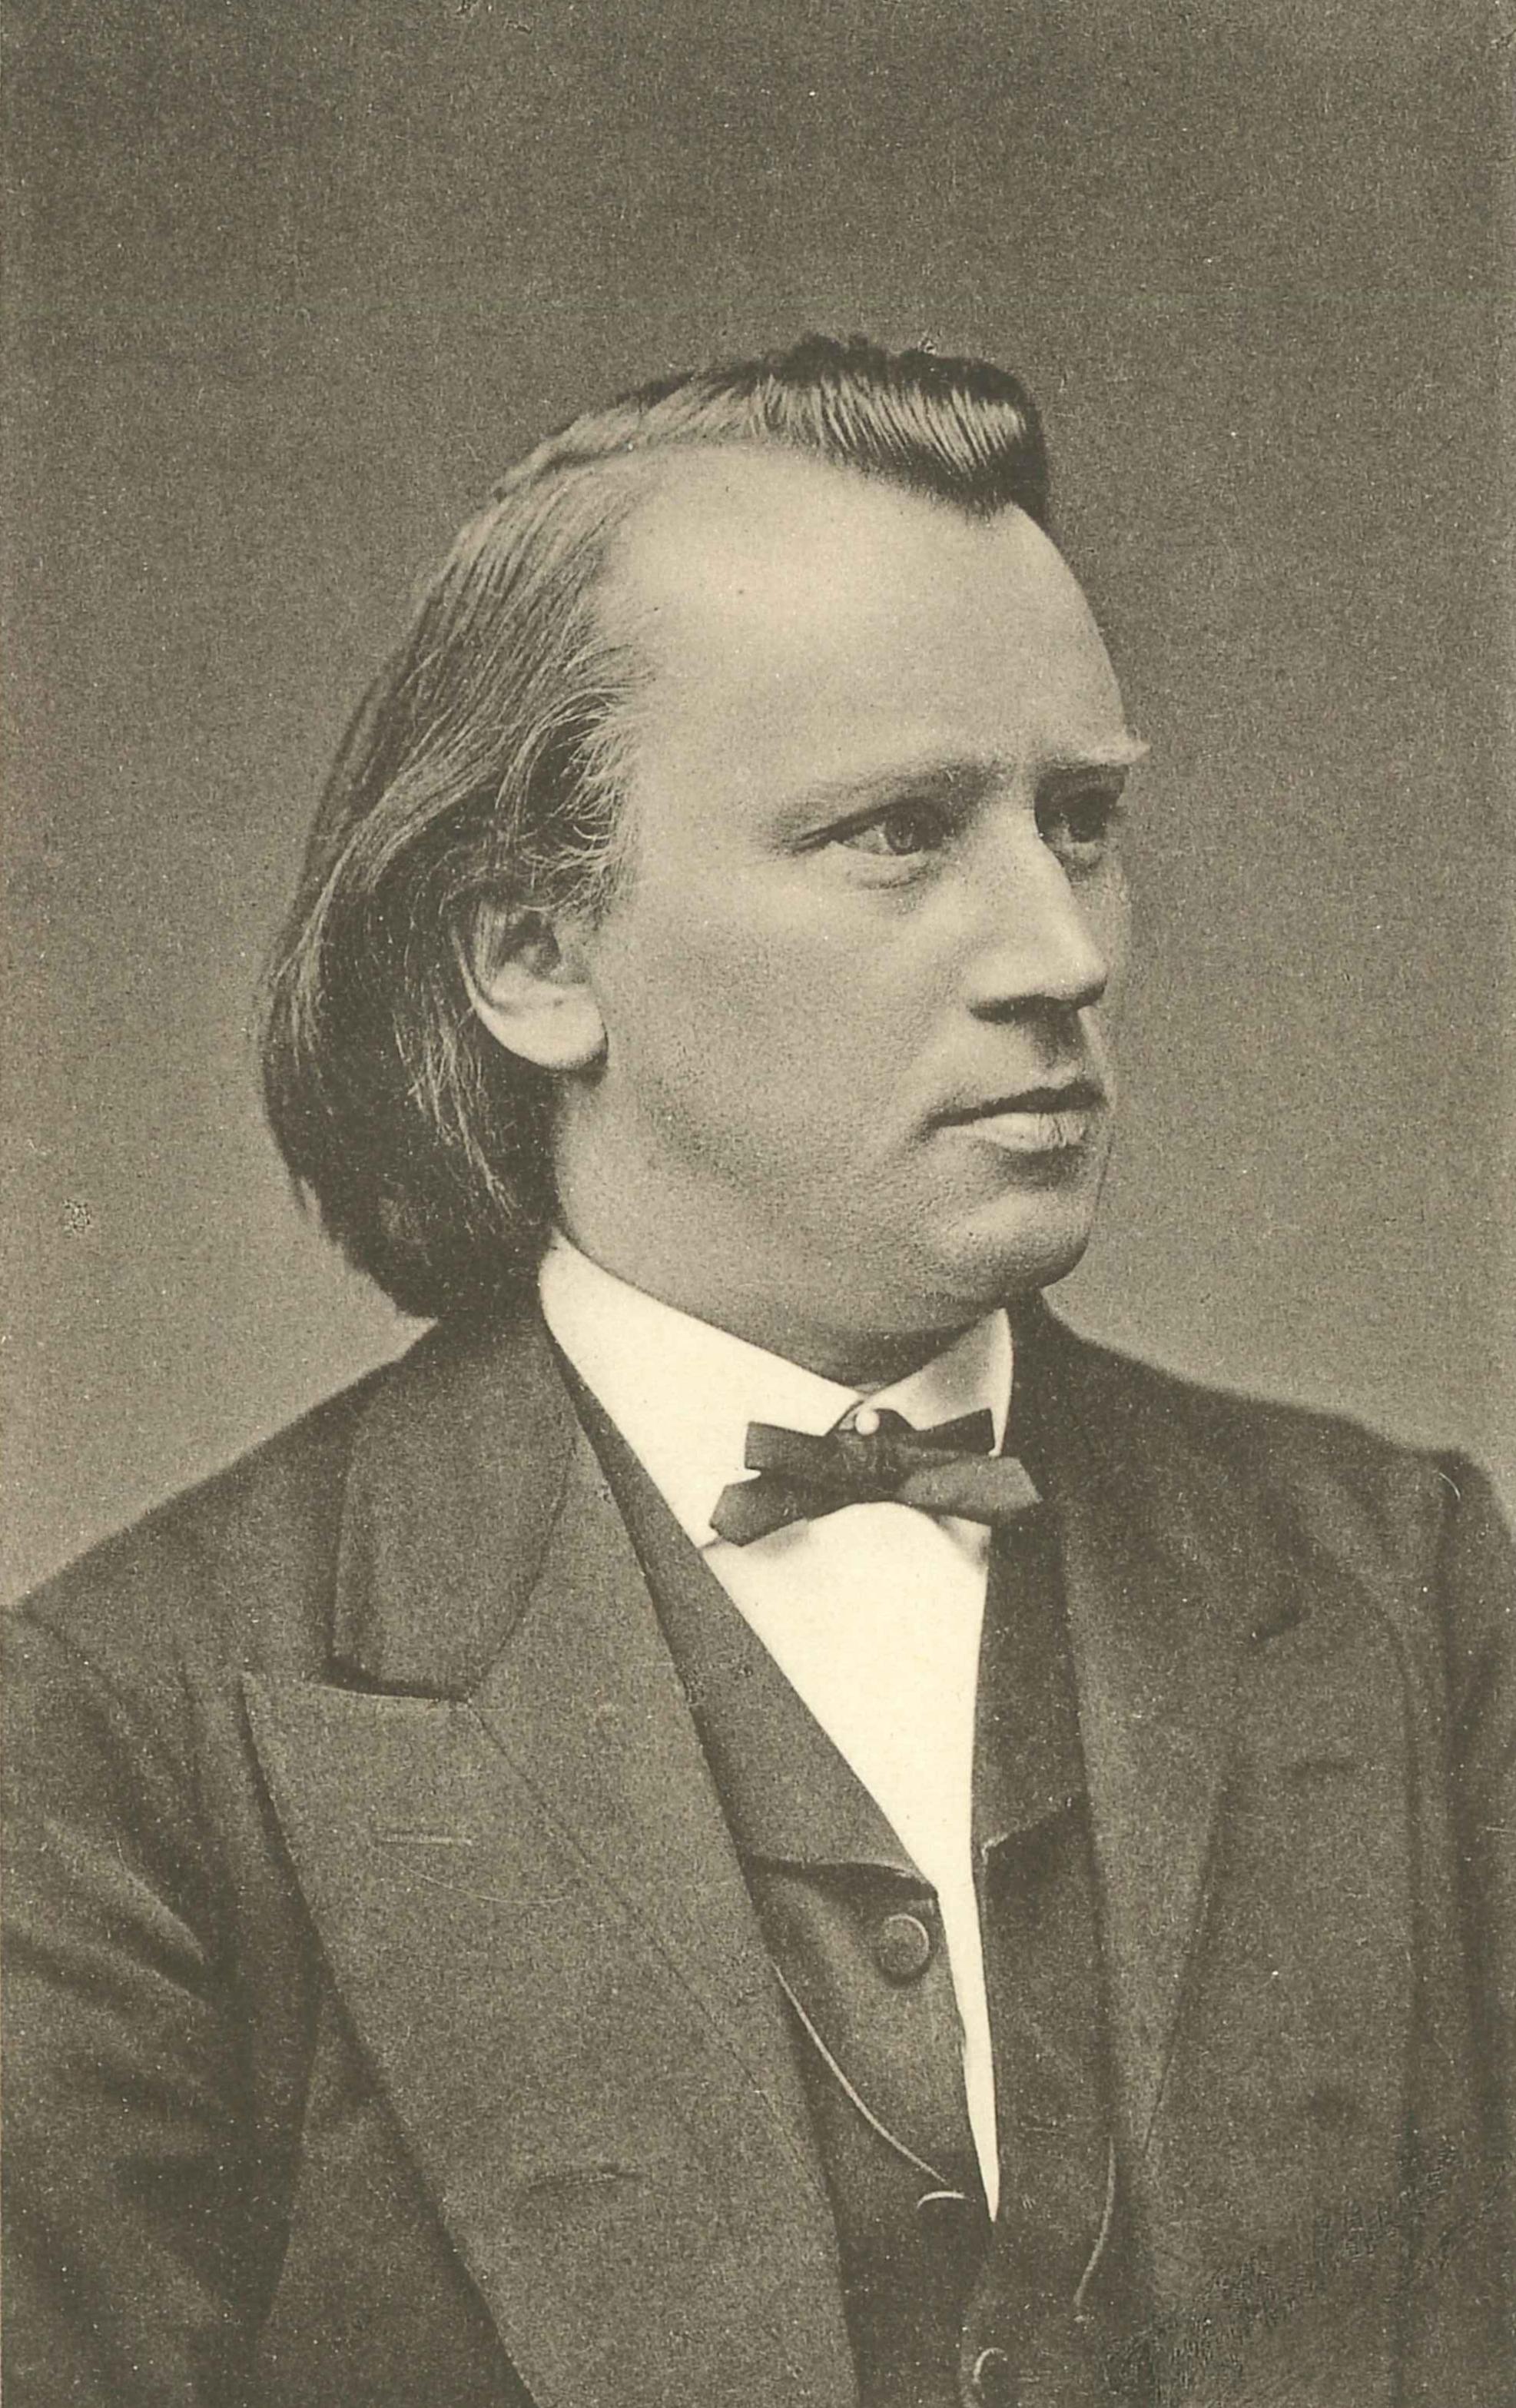 filejohannes brahms 18331897 ca 1875jpg